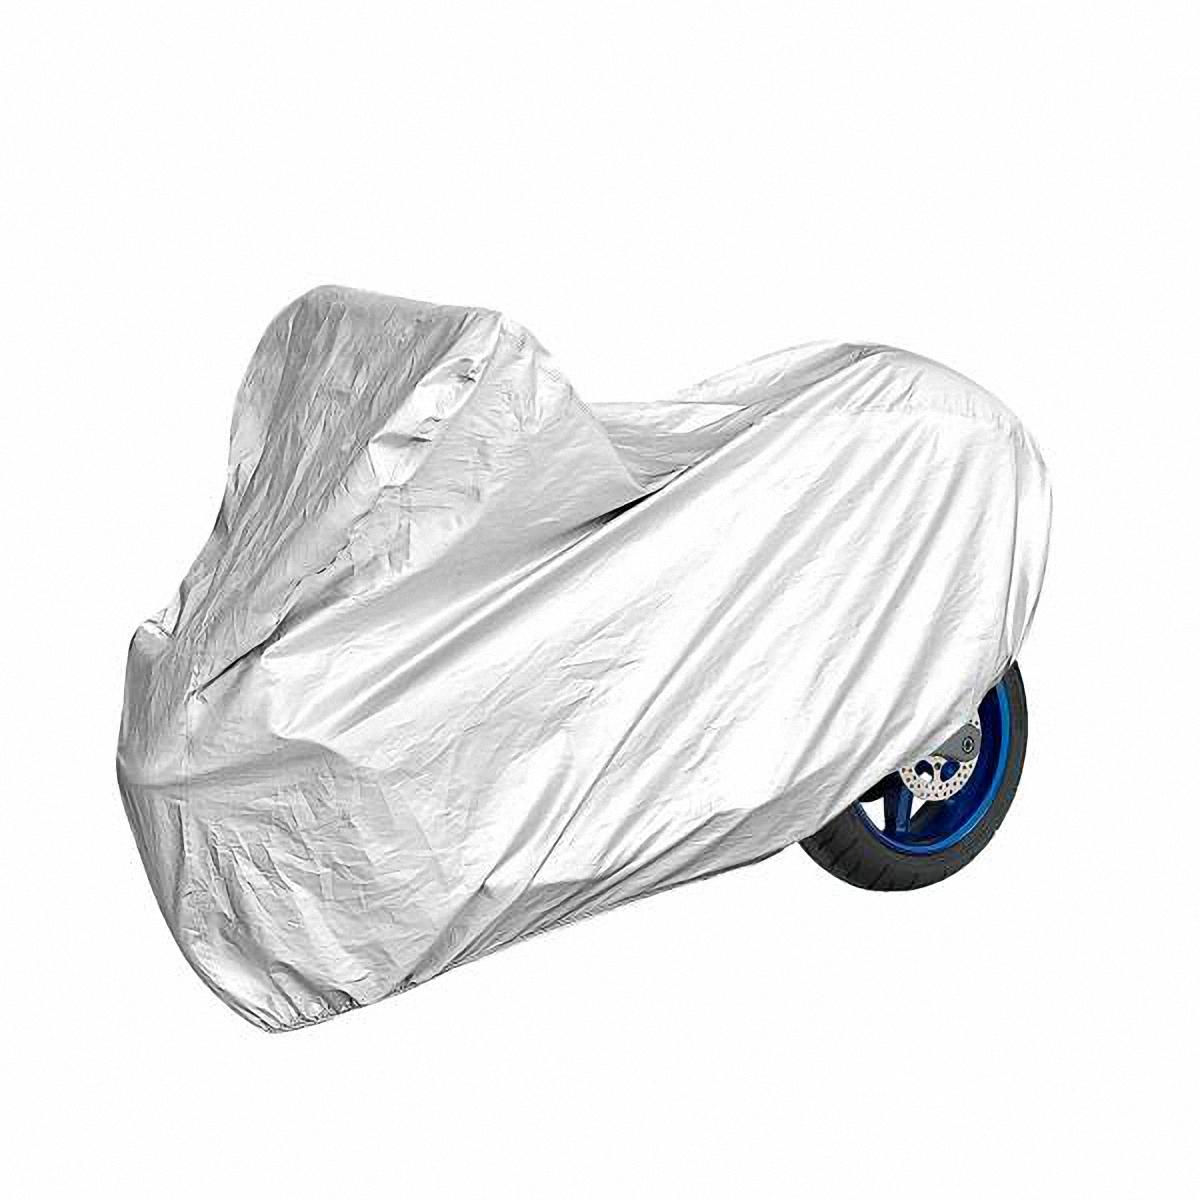 Чехол-тент на мотоцикл Skyway, 246 х 104 х 127 см. Размер XLS04402003Тент на мотоцикл позволит защитить кузов вашего транспортного средства от коррозии и загрязнений во время хранения или транспортировки, а вас избавит от необходимости его частого мытья. Чехол-тент предохраняет лакокрасочное покрытие кузова, стекла и фары вашего мотоцикла от воздействия прямых солнечных лучей и неблагоприятных погодных условий, загрязнений. Легко и быстро надевается на мотоцикл, не царапая и не повреждая его.Изготовлен из высококачественного полиэстера. В передней и задней части тента вшиты резинки, стягивающие его нижний край под передним и задним бамперами. Обладает высокой влаго- и износостойкостью. Обладает светоотражающими и пылезащитными свойствами. Выдерживает как низкие, так и высокие температуры. Воздухопроницаемый материал. Состав: полиэстер. Размер: 246 х 104 х 127 см.